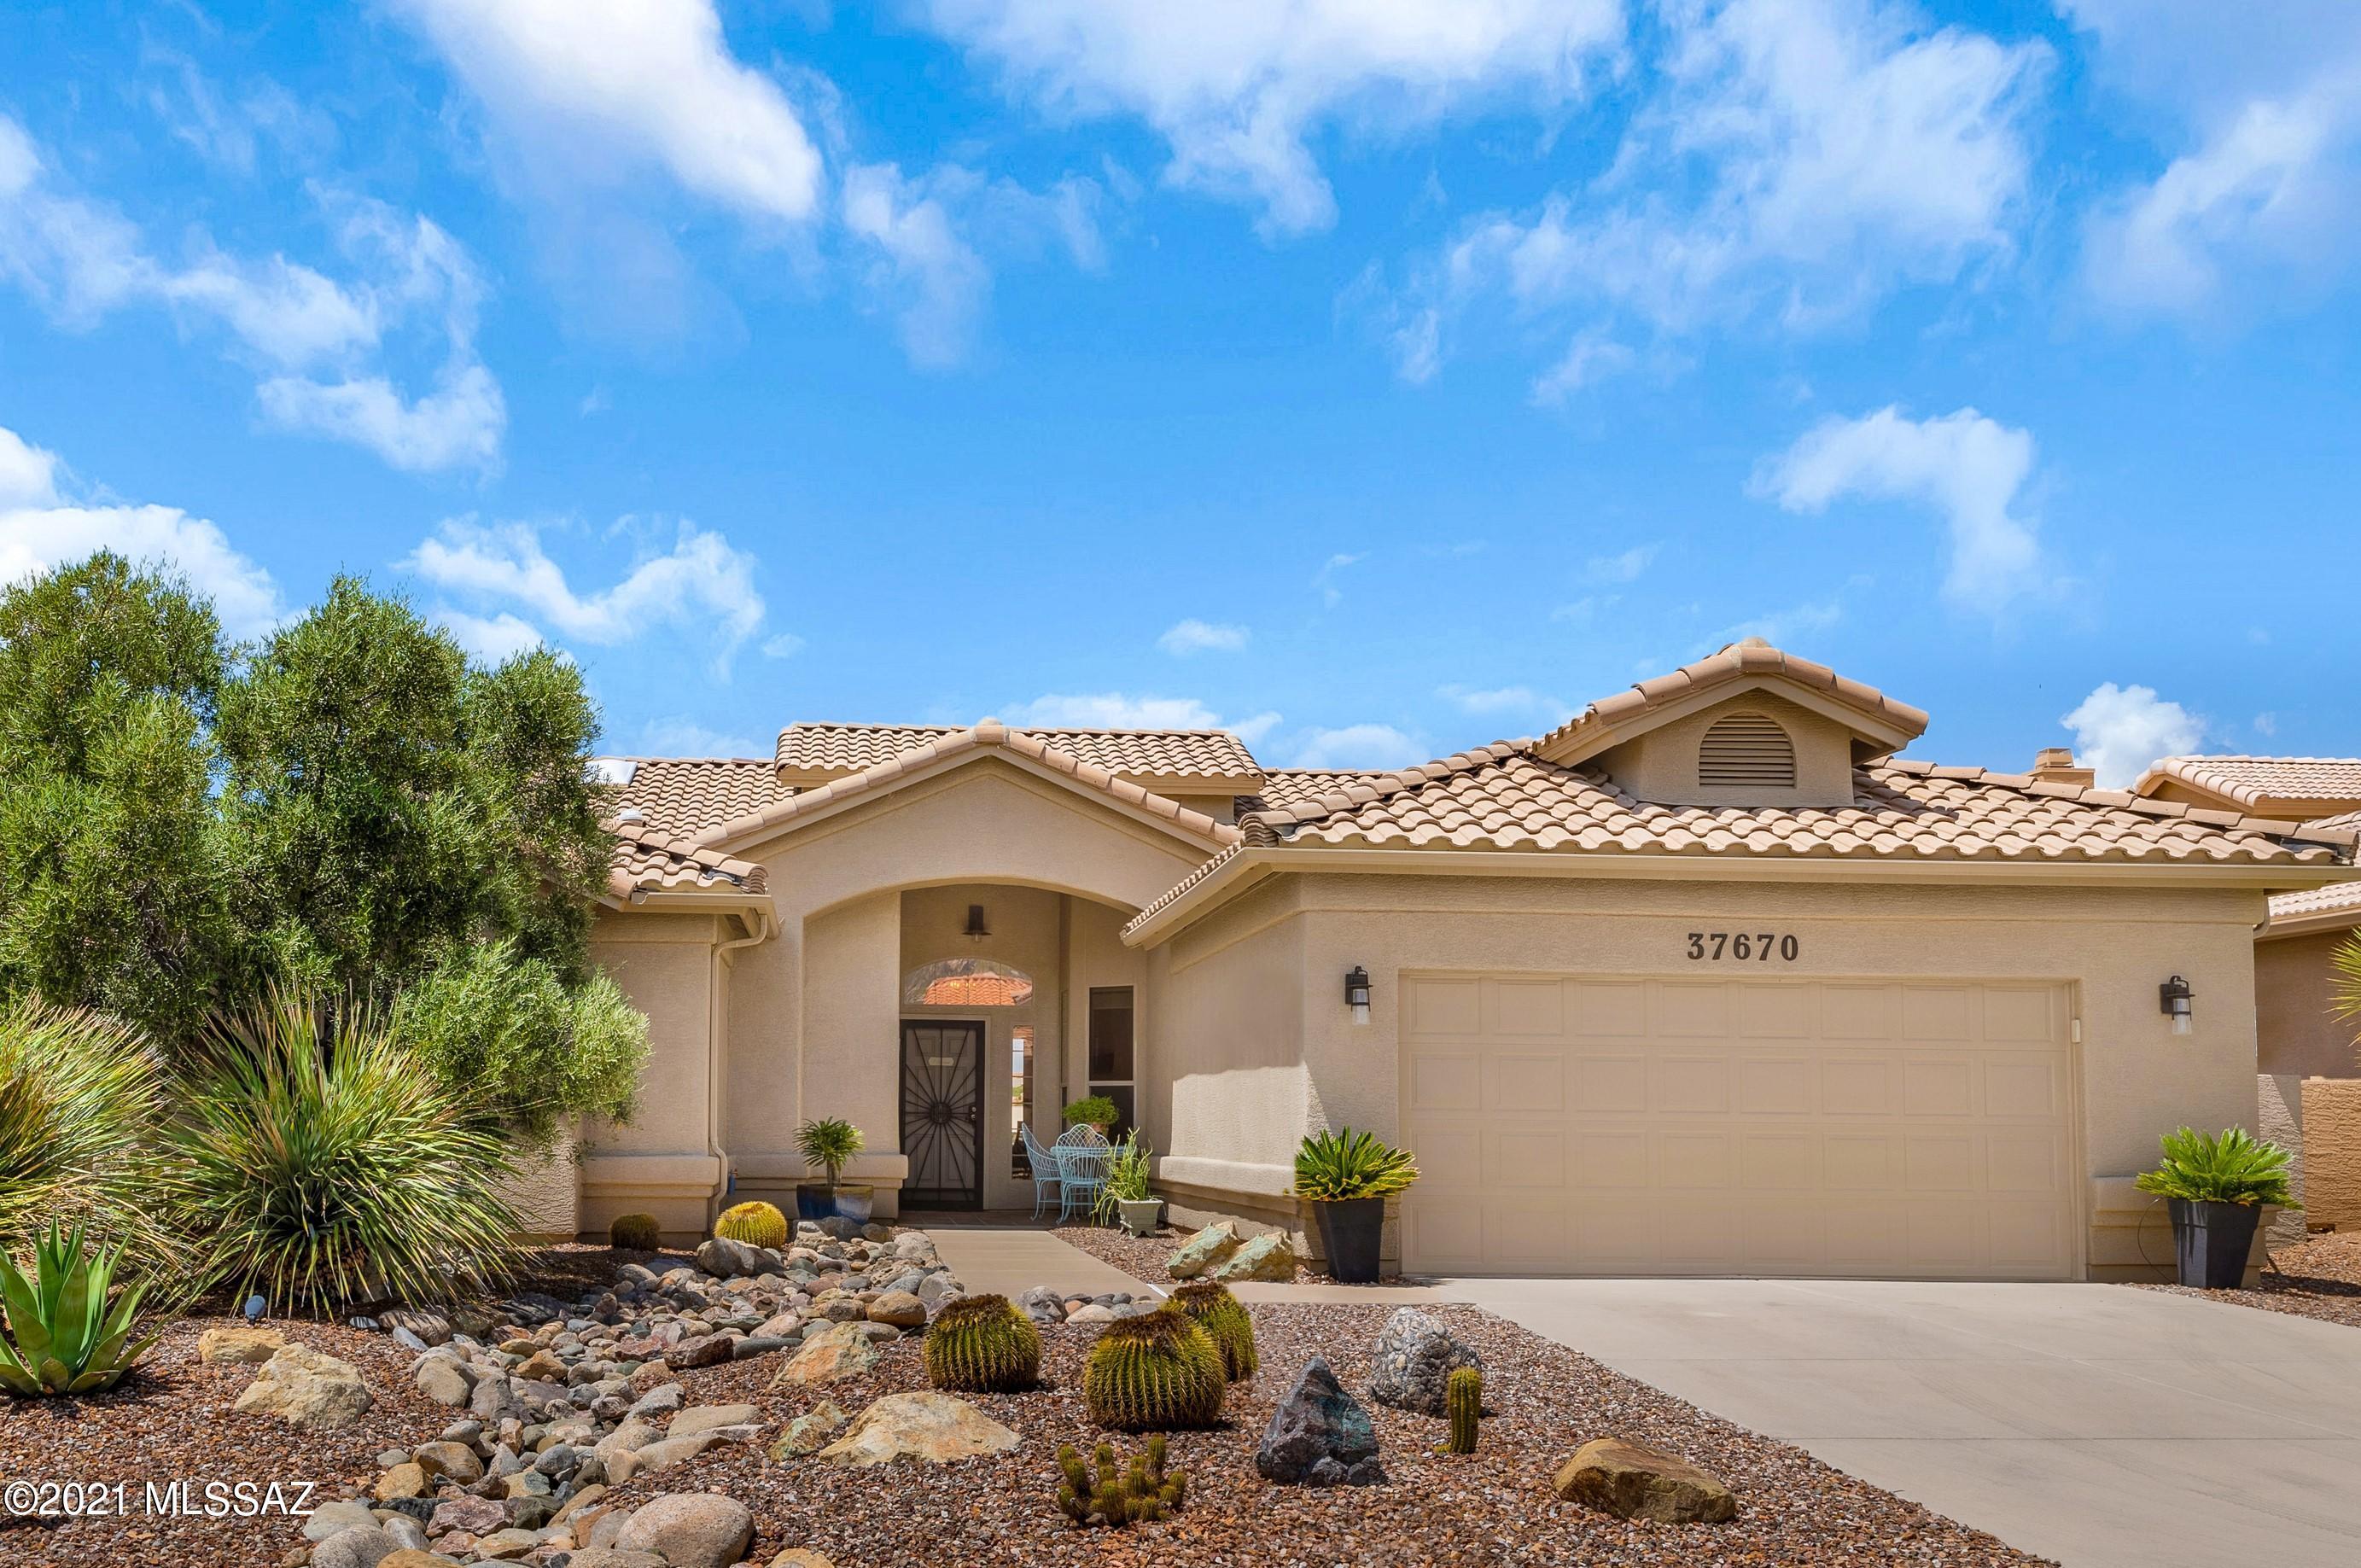 Photo of 37670 S Golf Course Drive, Saddlebrooke, AZ 85739